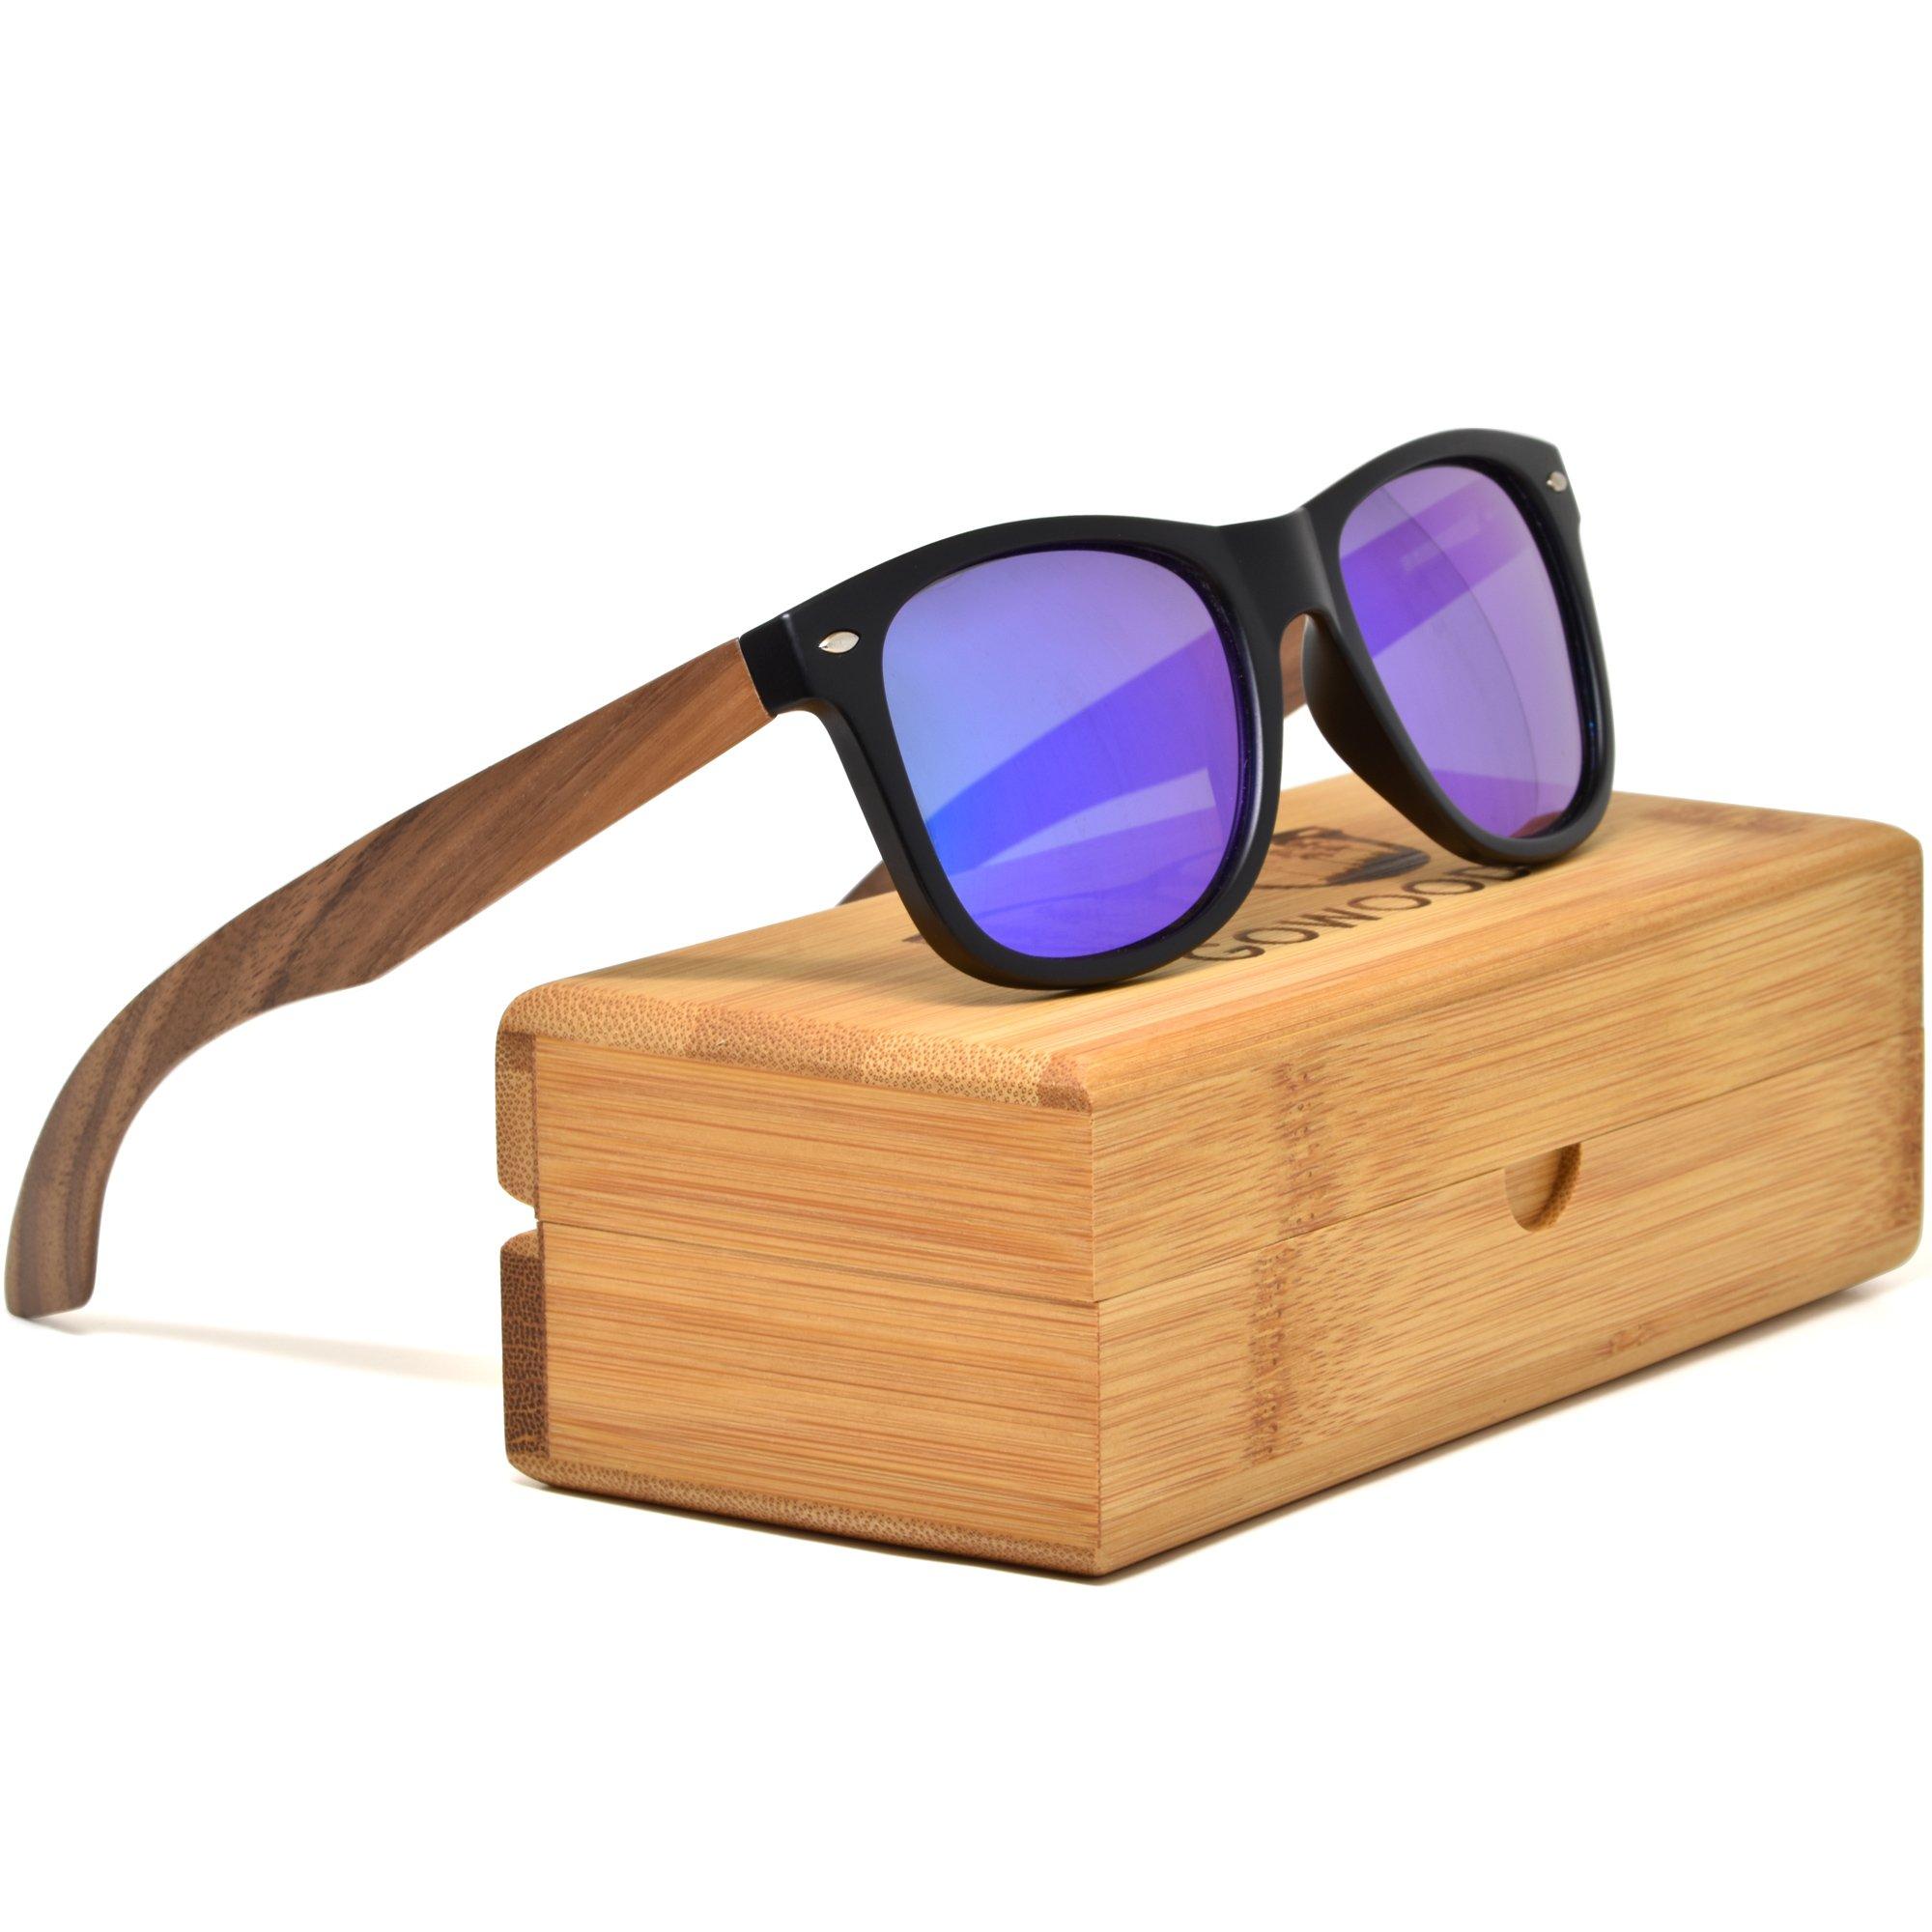 55f62d7e5be6a GOWOOD Lunettes de soleil en bois de noyer pour hommes et femmes polarisées